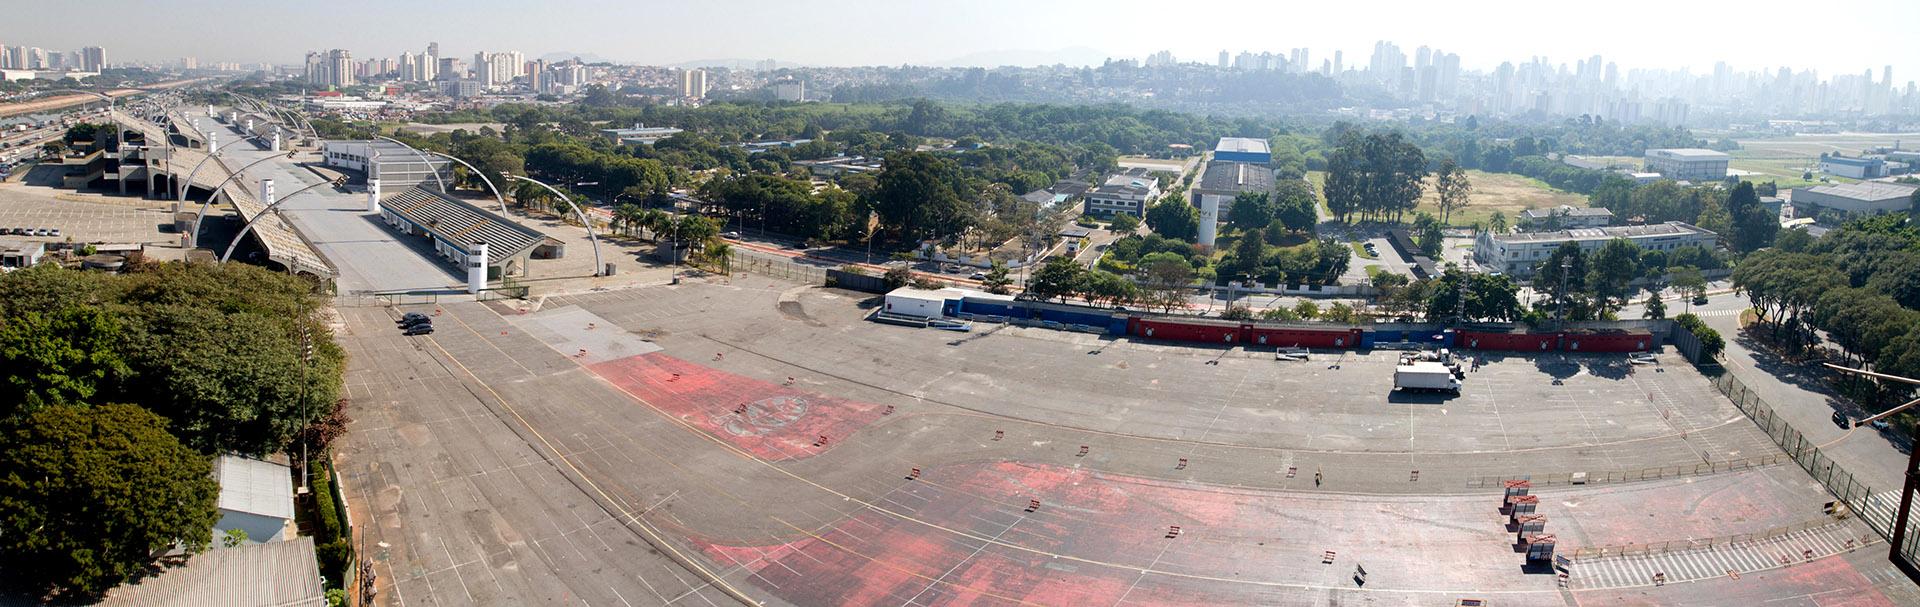 Vista do Polo Cultural e Esportivo Grande Otelo. Foto: Jose Cordeiro/ SPTuris